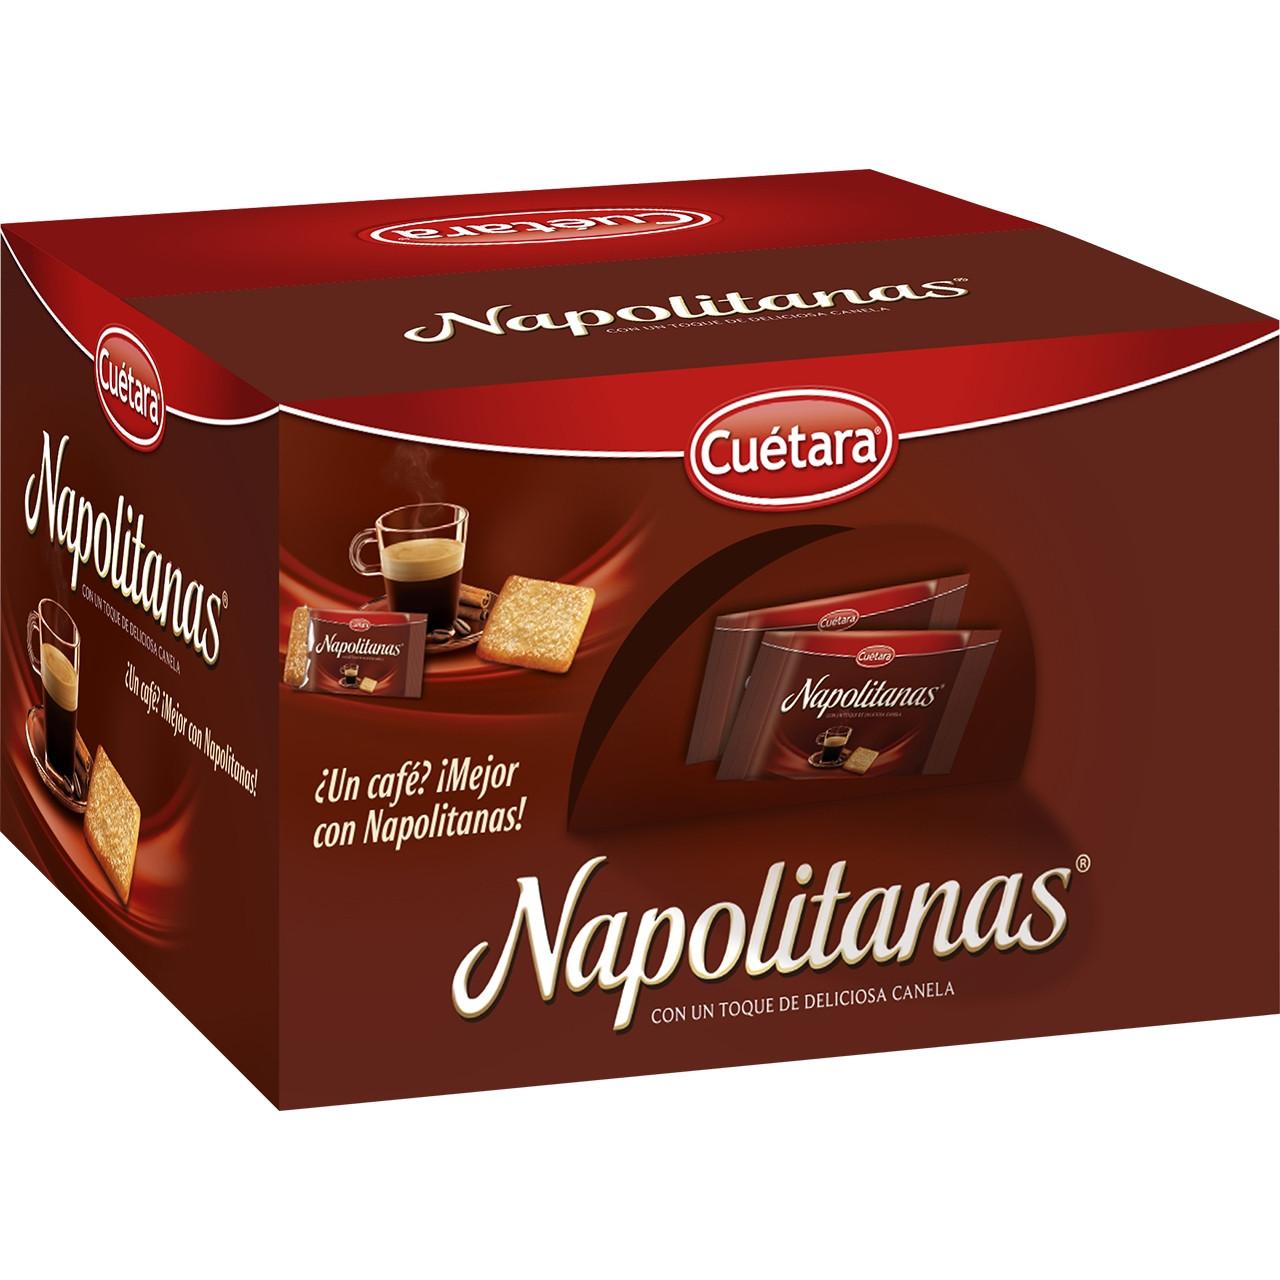 Napolitanes cortesia